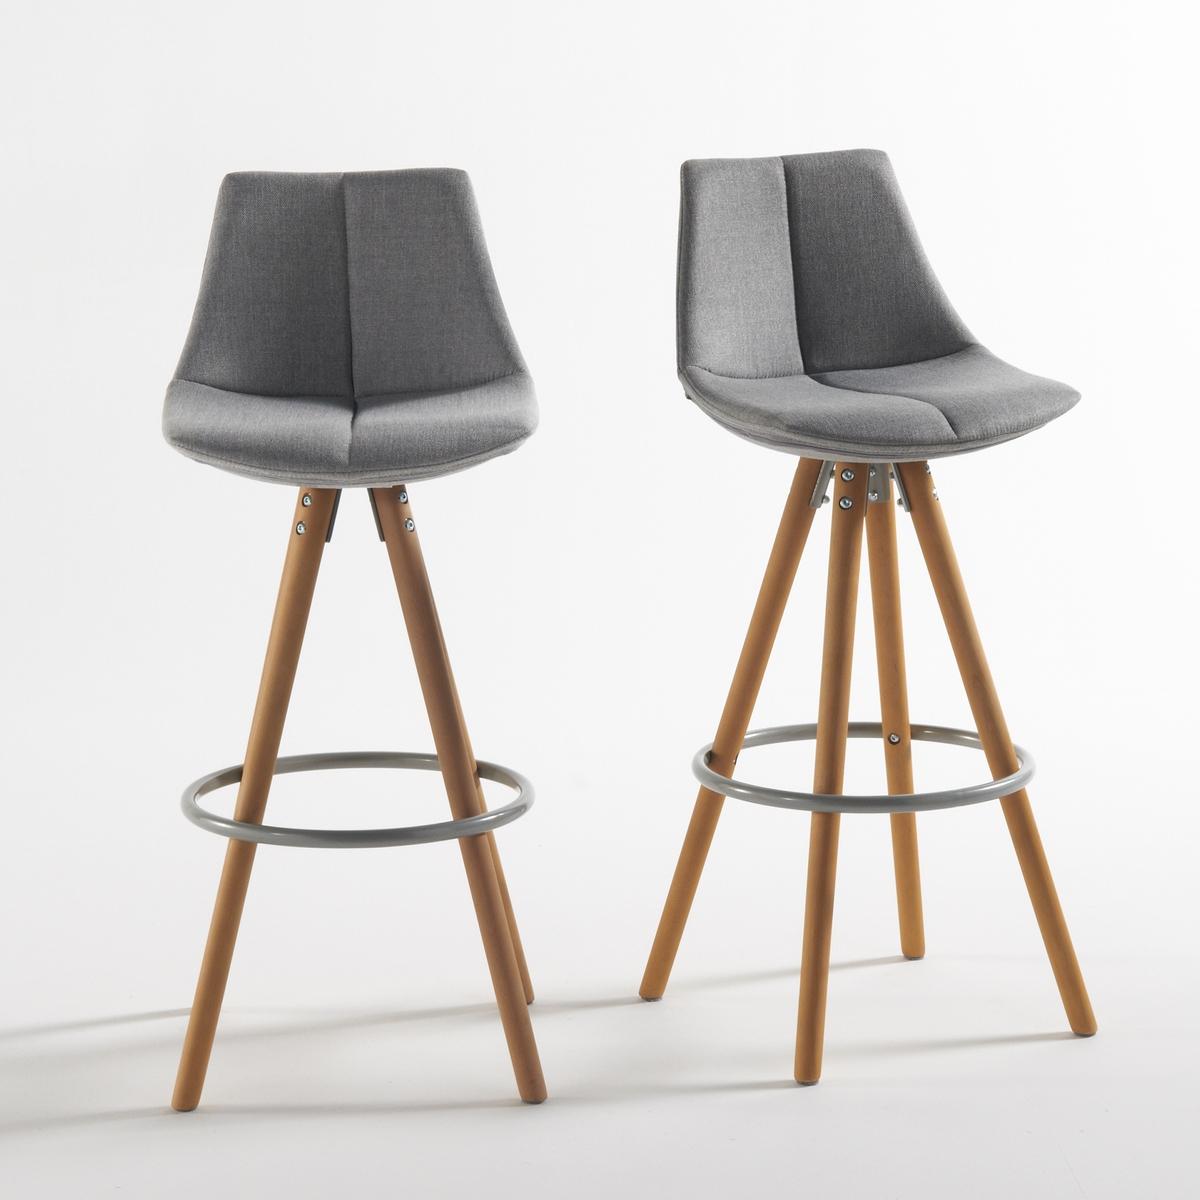 2 стула барных ASTING2 барных стула Asting. Барные стулья Asting  являются наследием скандинавского дизайна 70-х годов, красивые, комфортные и оригинальные !Характеристики барных стульев Asting : Сиденье и спинка : из полипропилена, наполнитель из пеноматериала 100% полиуретан, 24 кг/м? .Обивка: ткань, 100% полиэстер.Ножка : ножки из массива бука, покрытие нитролаком - опоры для ног из стальной трубы, покрытие эпоксидным лаком.Для оптимального качества и устойчивости рекомендуется надежно затянуть болты. Размеры барного стула Asting : Ширина : 42 см. Глубина : 42 см.Высота : 99 смВысота сидения : 75 смРазмеры и вес упаковки:1 коробкаВес : 14 кг76 x 54 x 33 смДоставка : Барные стулья Asting доставляются в разобранном виде.  Возможна доставка до квартиры по предварительному согласованию!Внимание ! Убедитесь, что дверные, лестничные и лифтовые проемы позволяют осуществить доставку коробки таких габаритов .<br><br>Цвет: серый